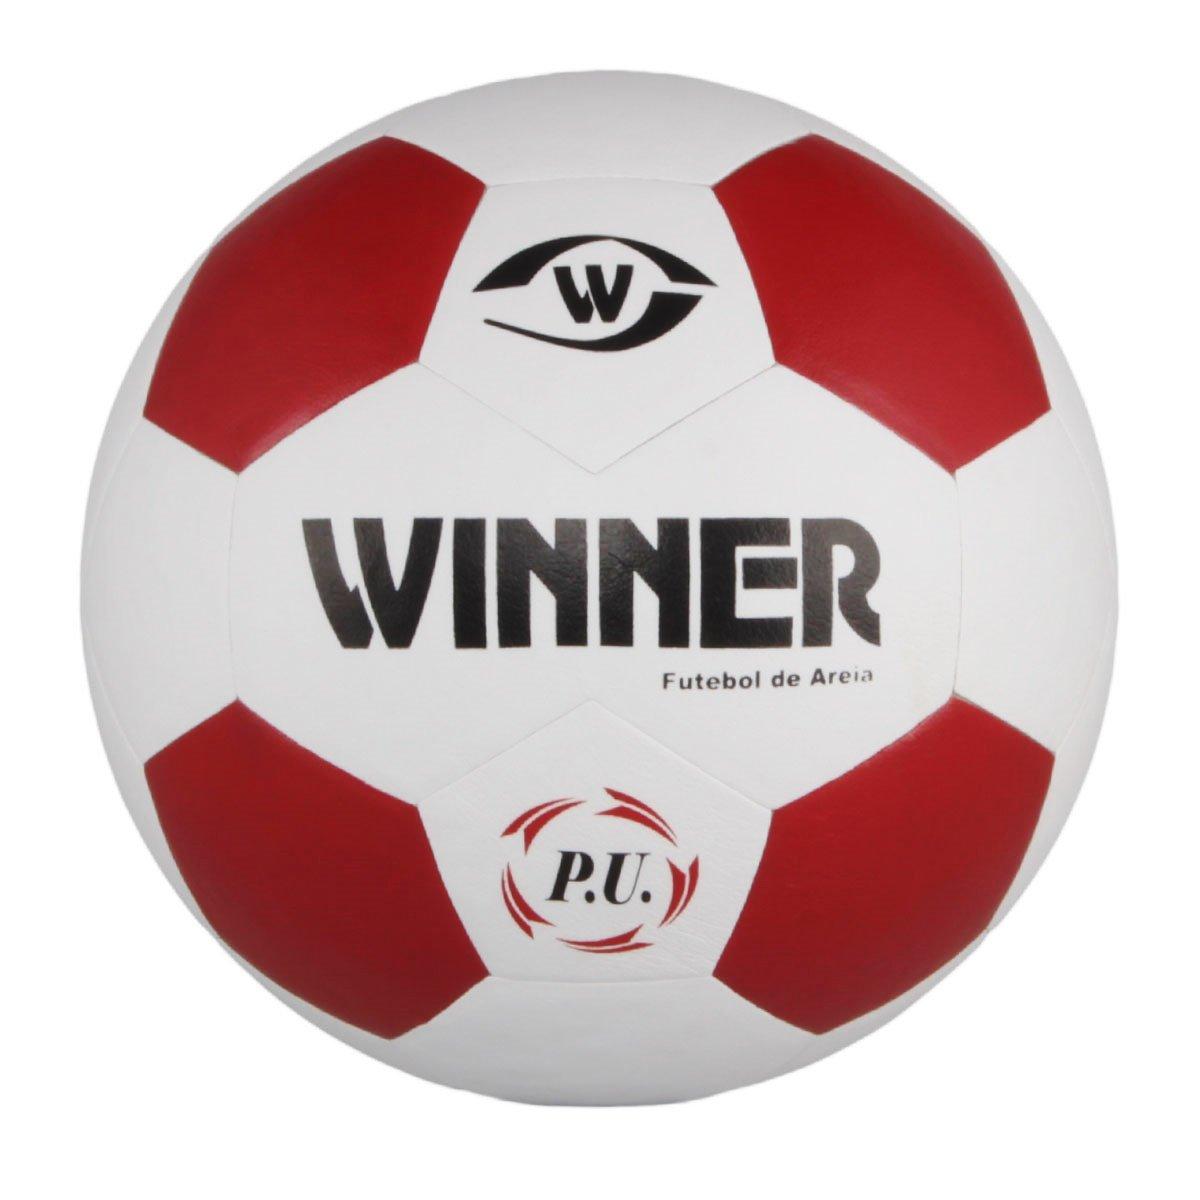 727d149d27 Bola Winner Futebol de Areia em Pu